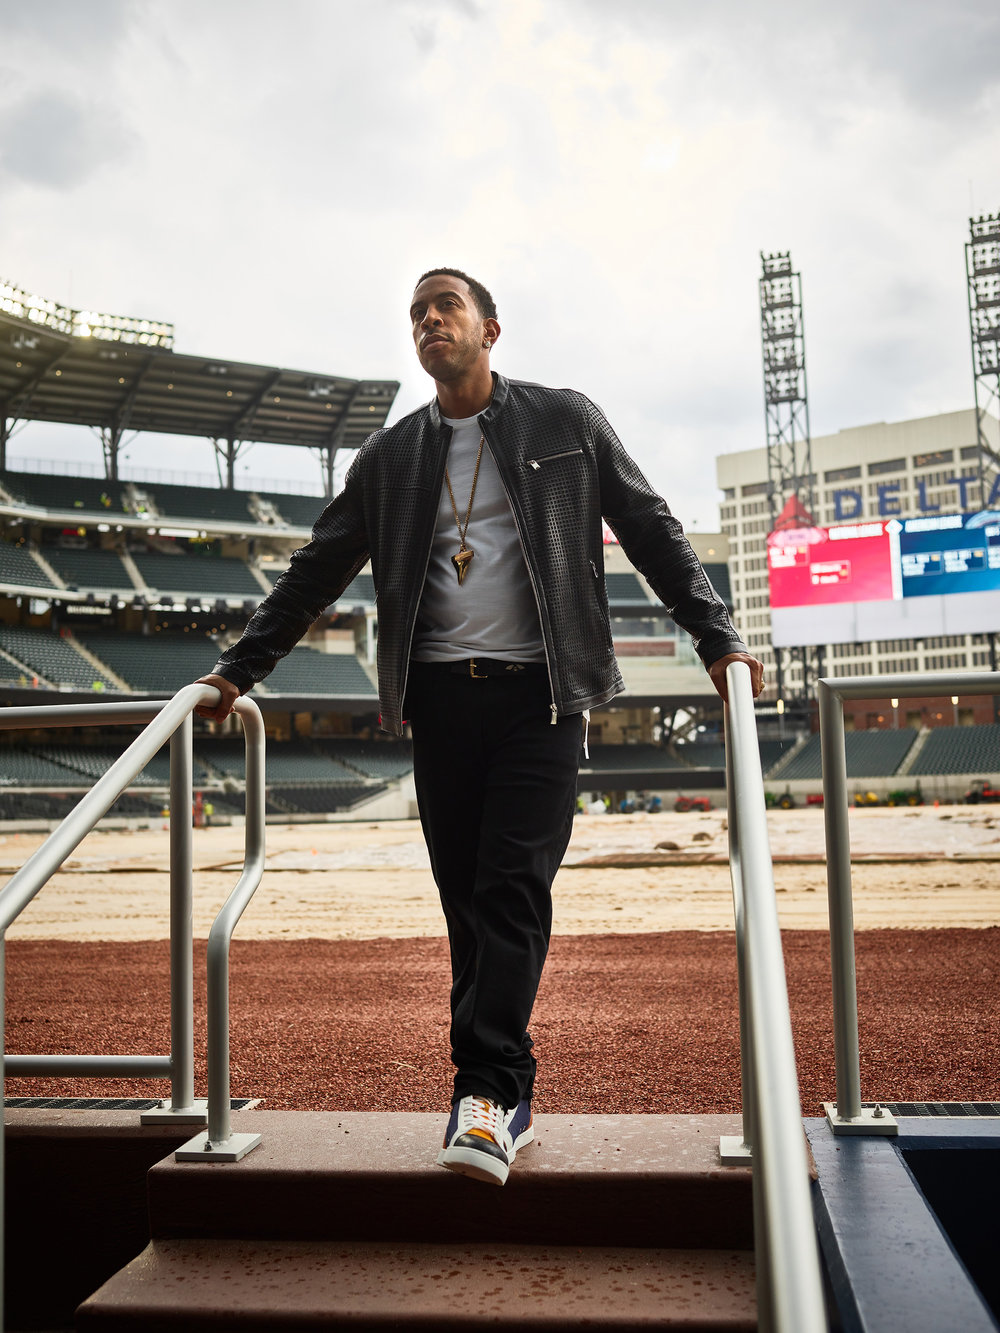 Ludacris_by_Zack_Arias_010.jpg